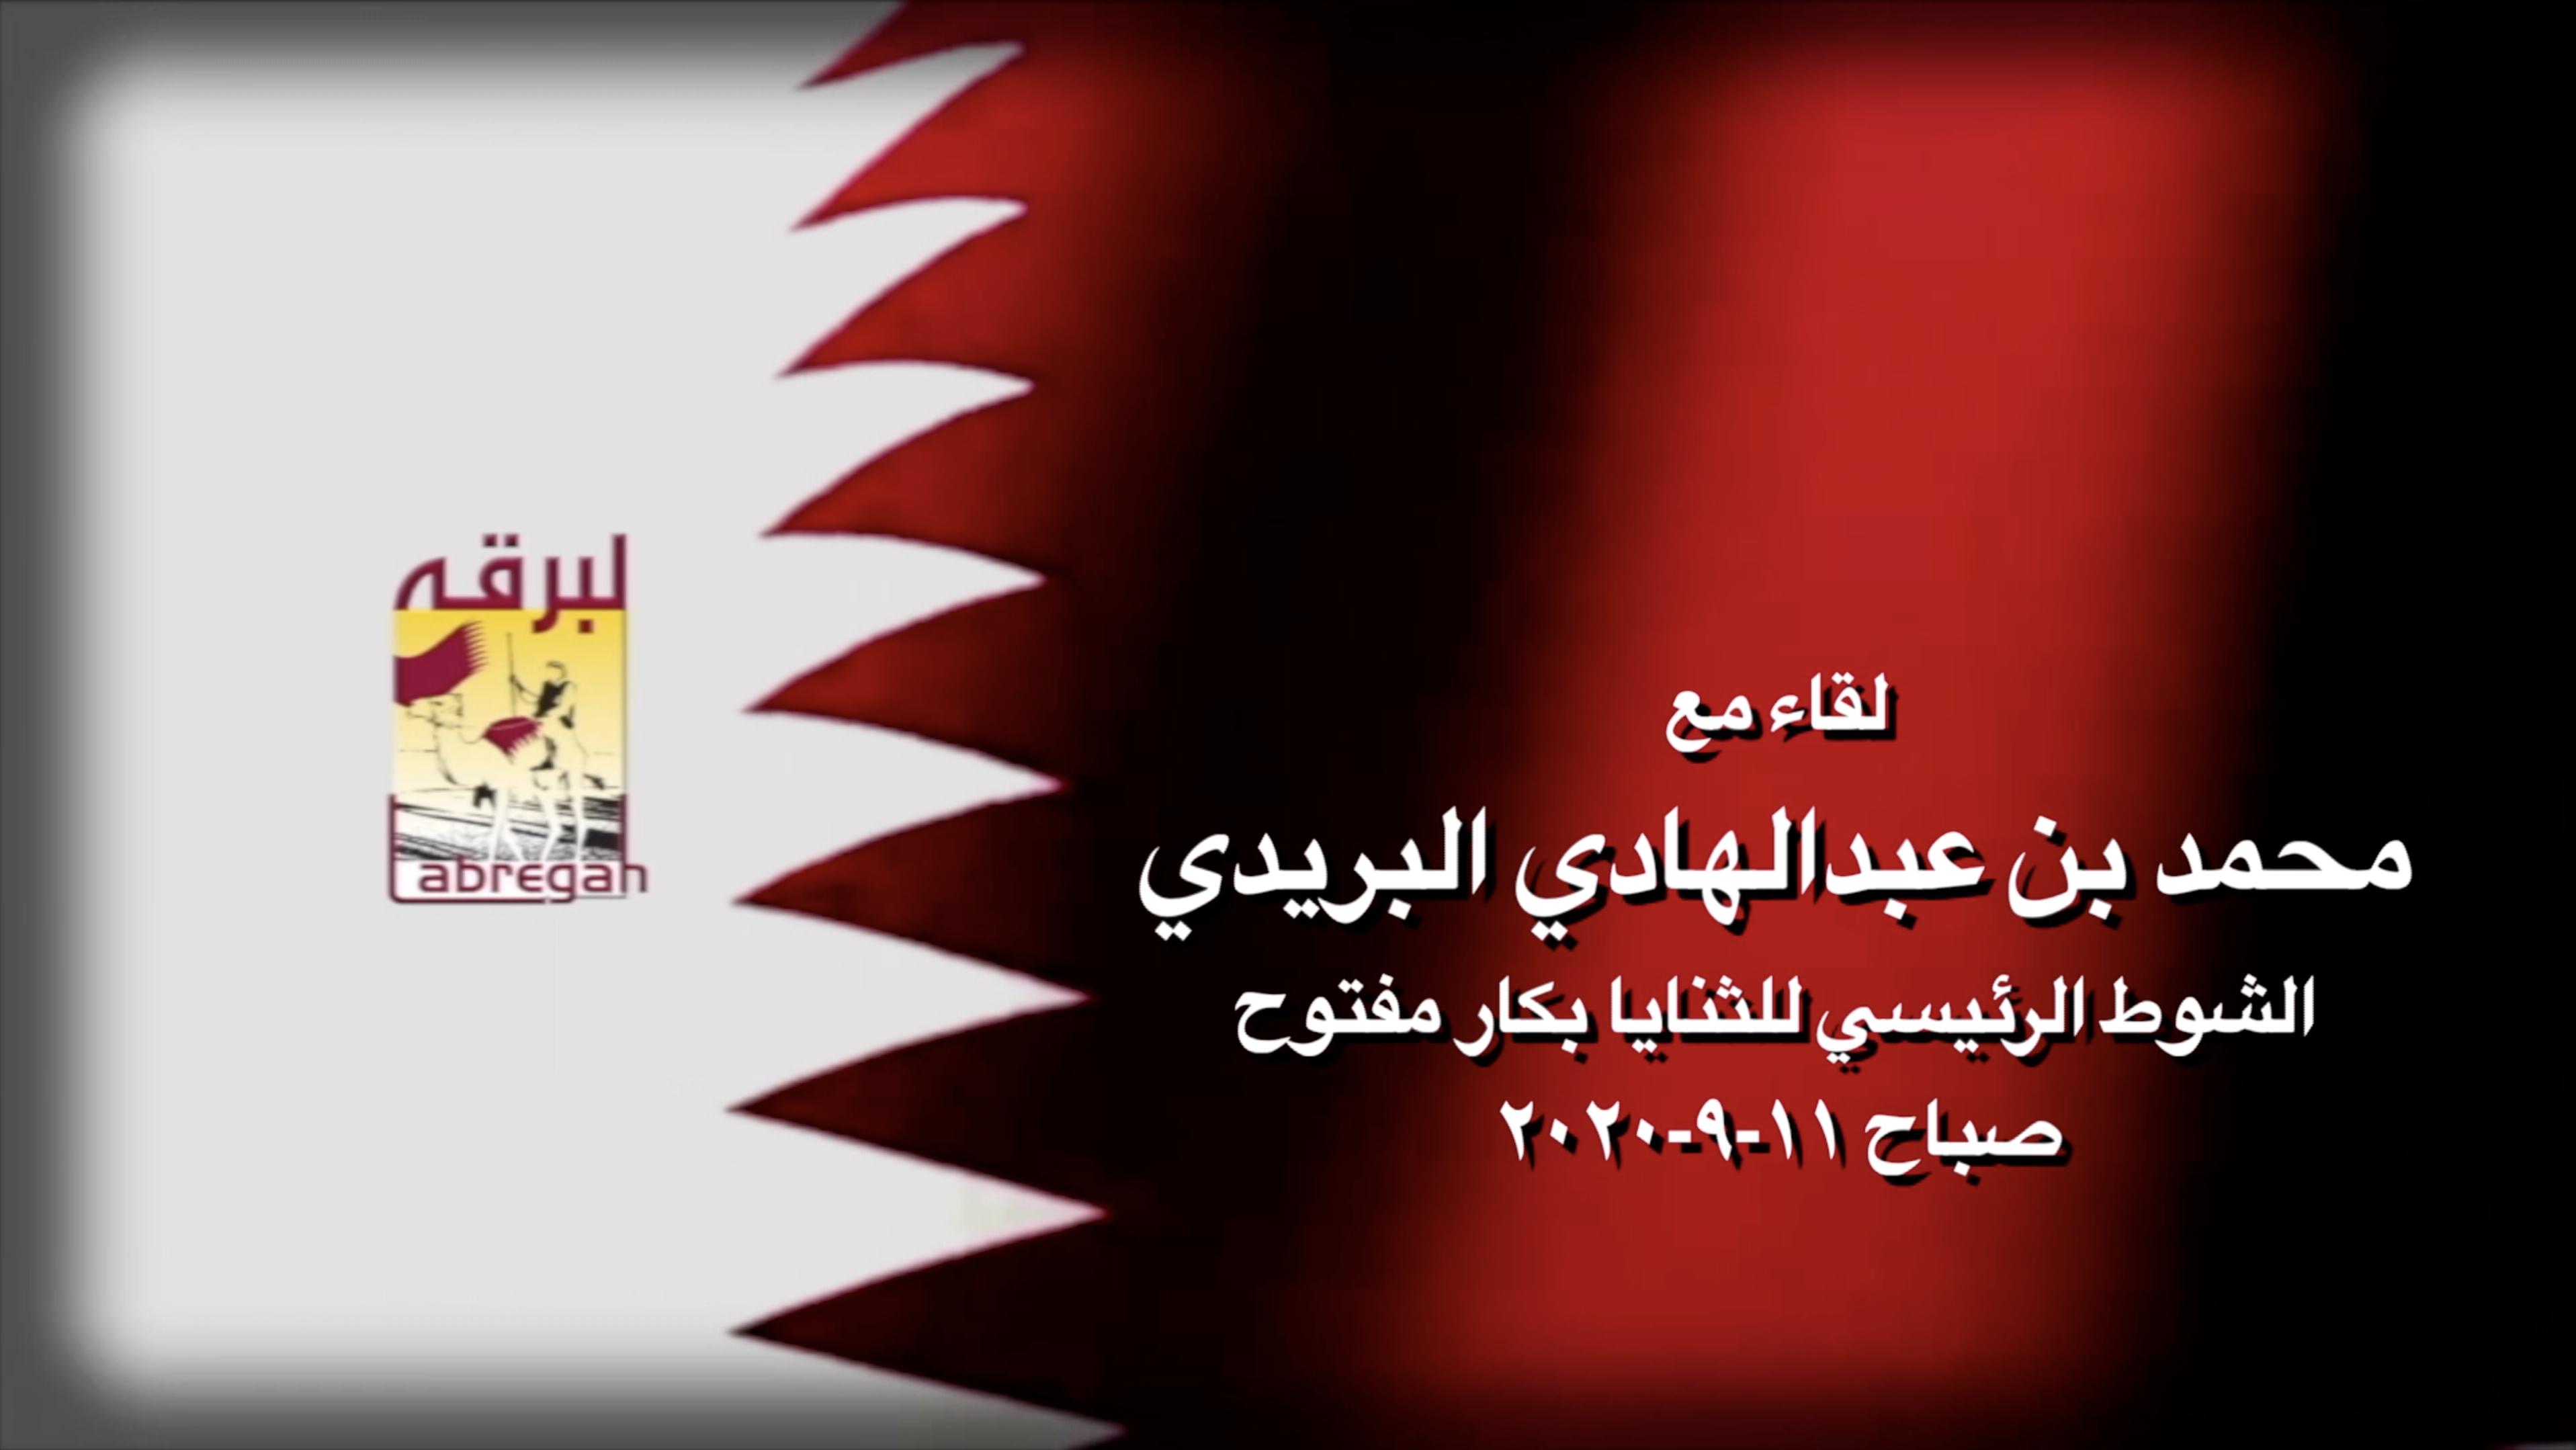 لقاء مع محمد بن عبدالهادي البريدي.. الشوط الرئيسي للثنايا بكار مفتوح صباح ١١-٩-٢٠٢٠